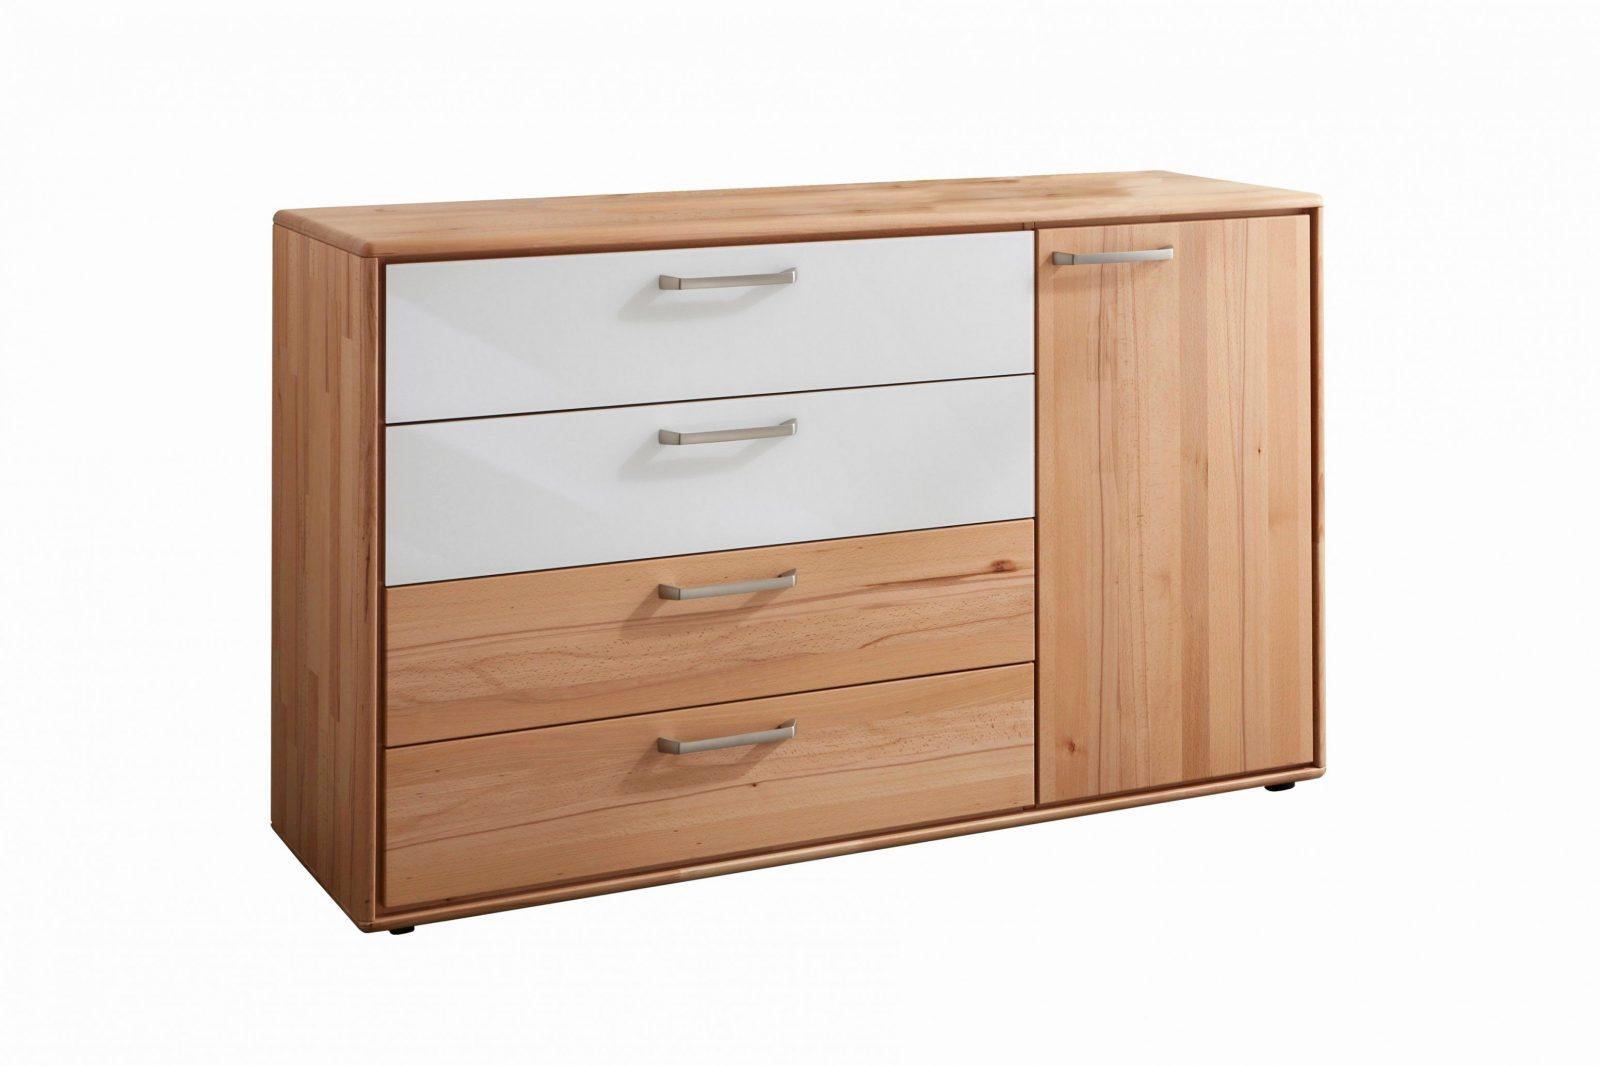 Ikea Unterschrank 30 Cm Waschbecken Tiefe 35 Cm Haus Design Ideen